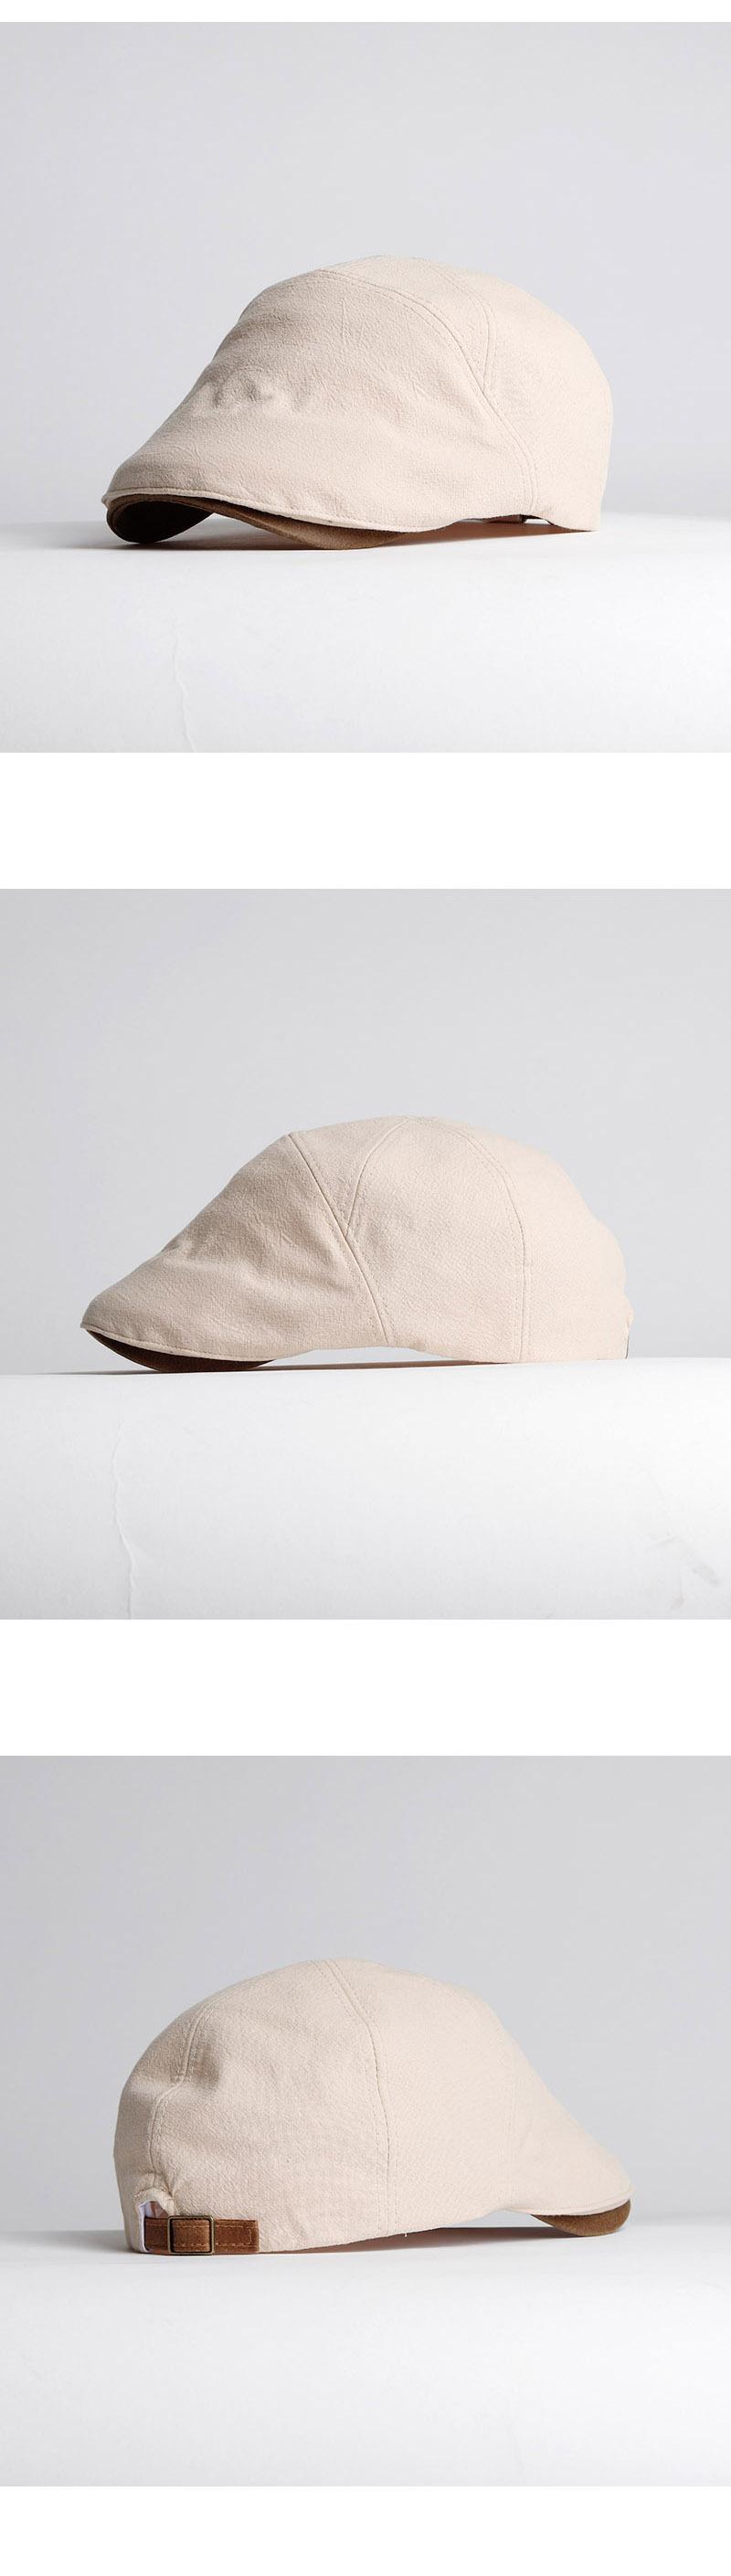 [플래그쉽] 아트라인 코튼 헌팅캡 [5컬러] (FLAGSHIP artline cotton hunting cap)